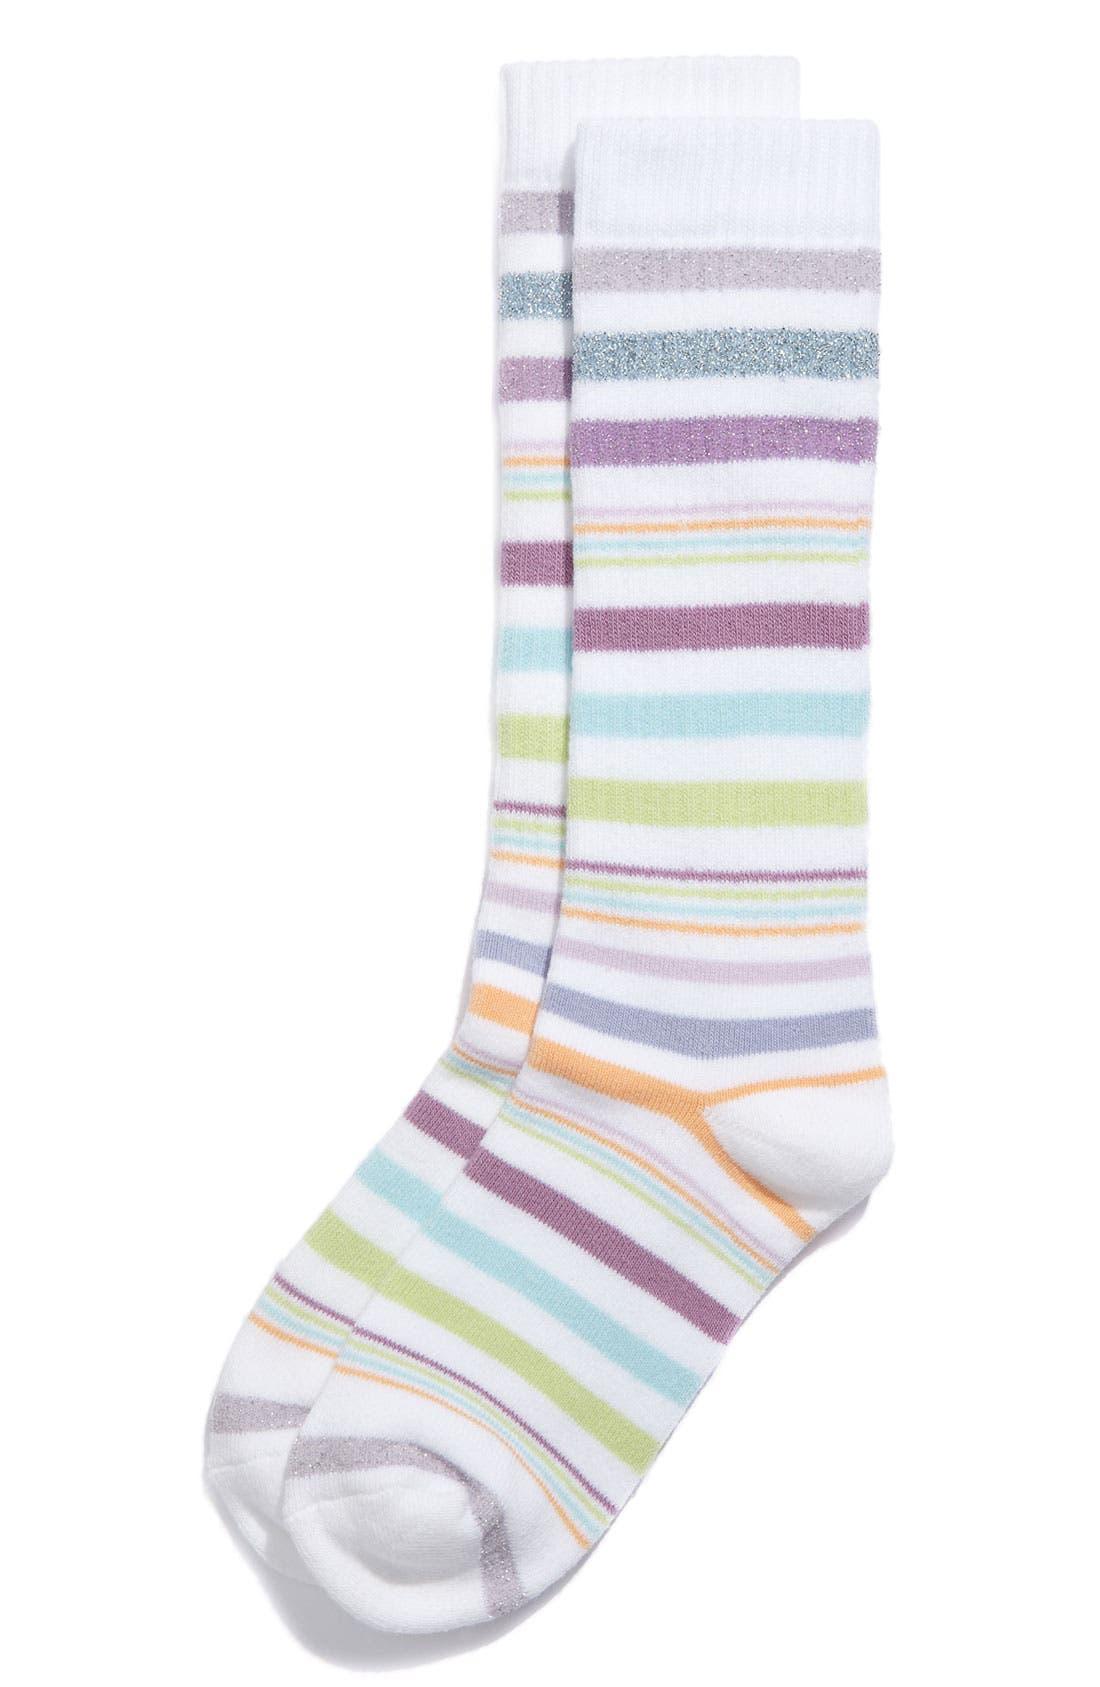 Main Image - Nordstrom 'Sporty Stripe' Knee High Socks (Toddler, Little Girls & Big Girls)